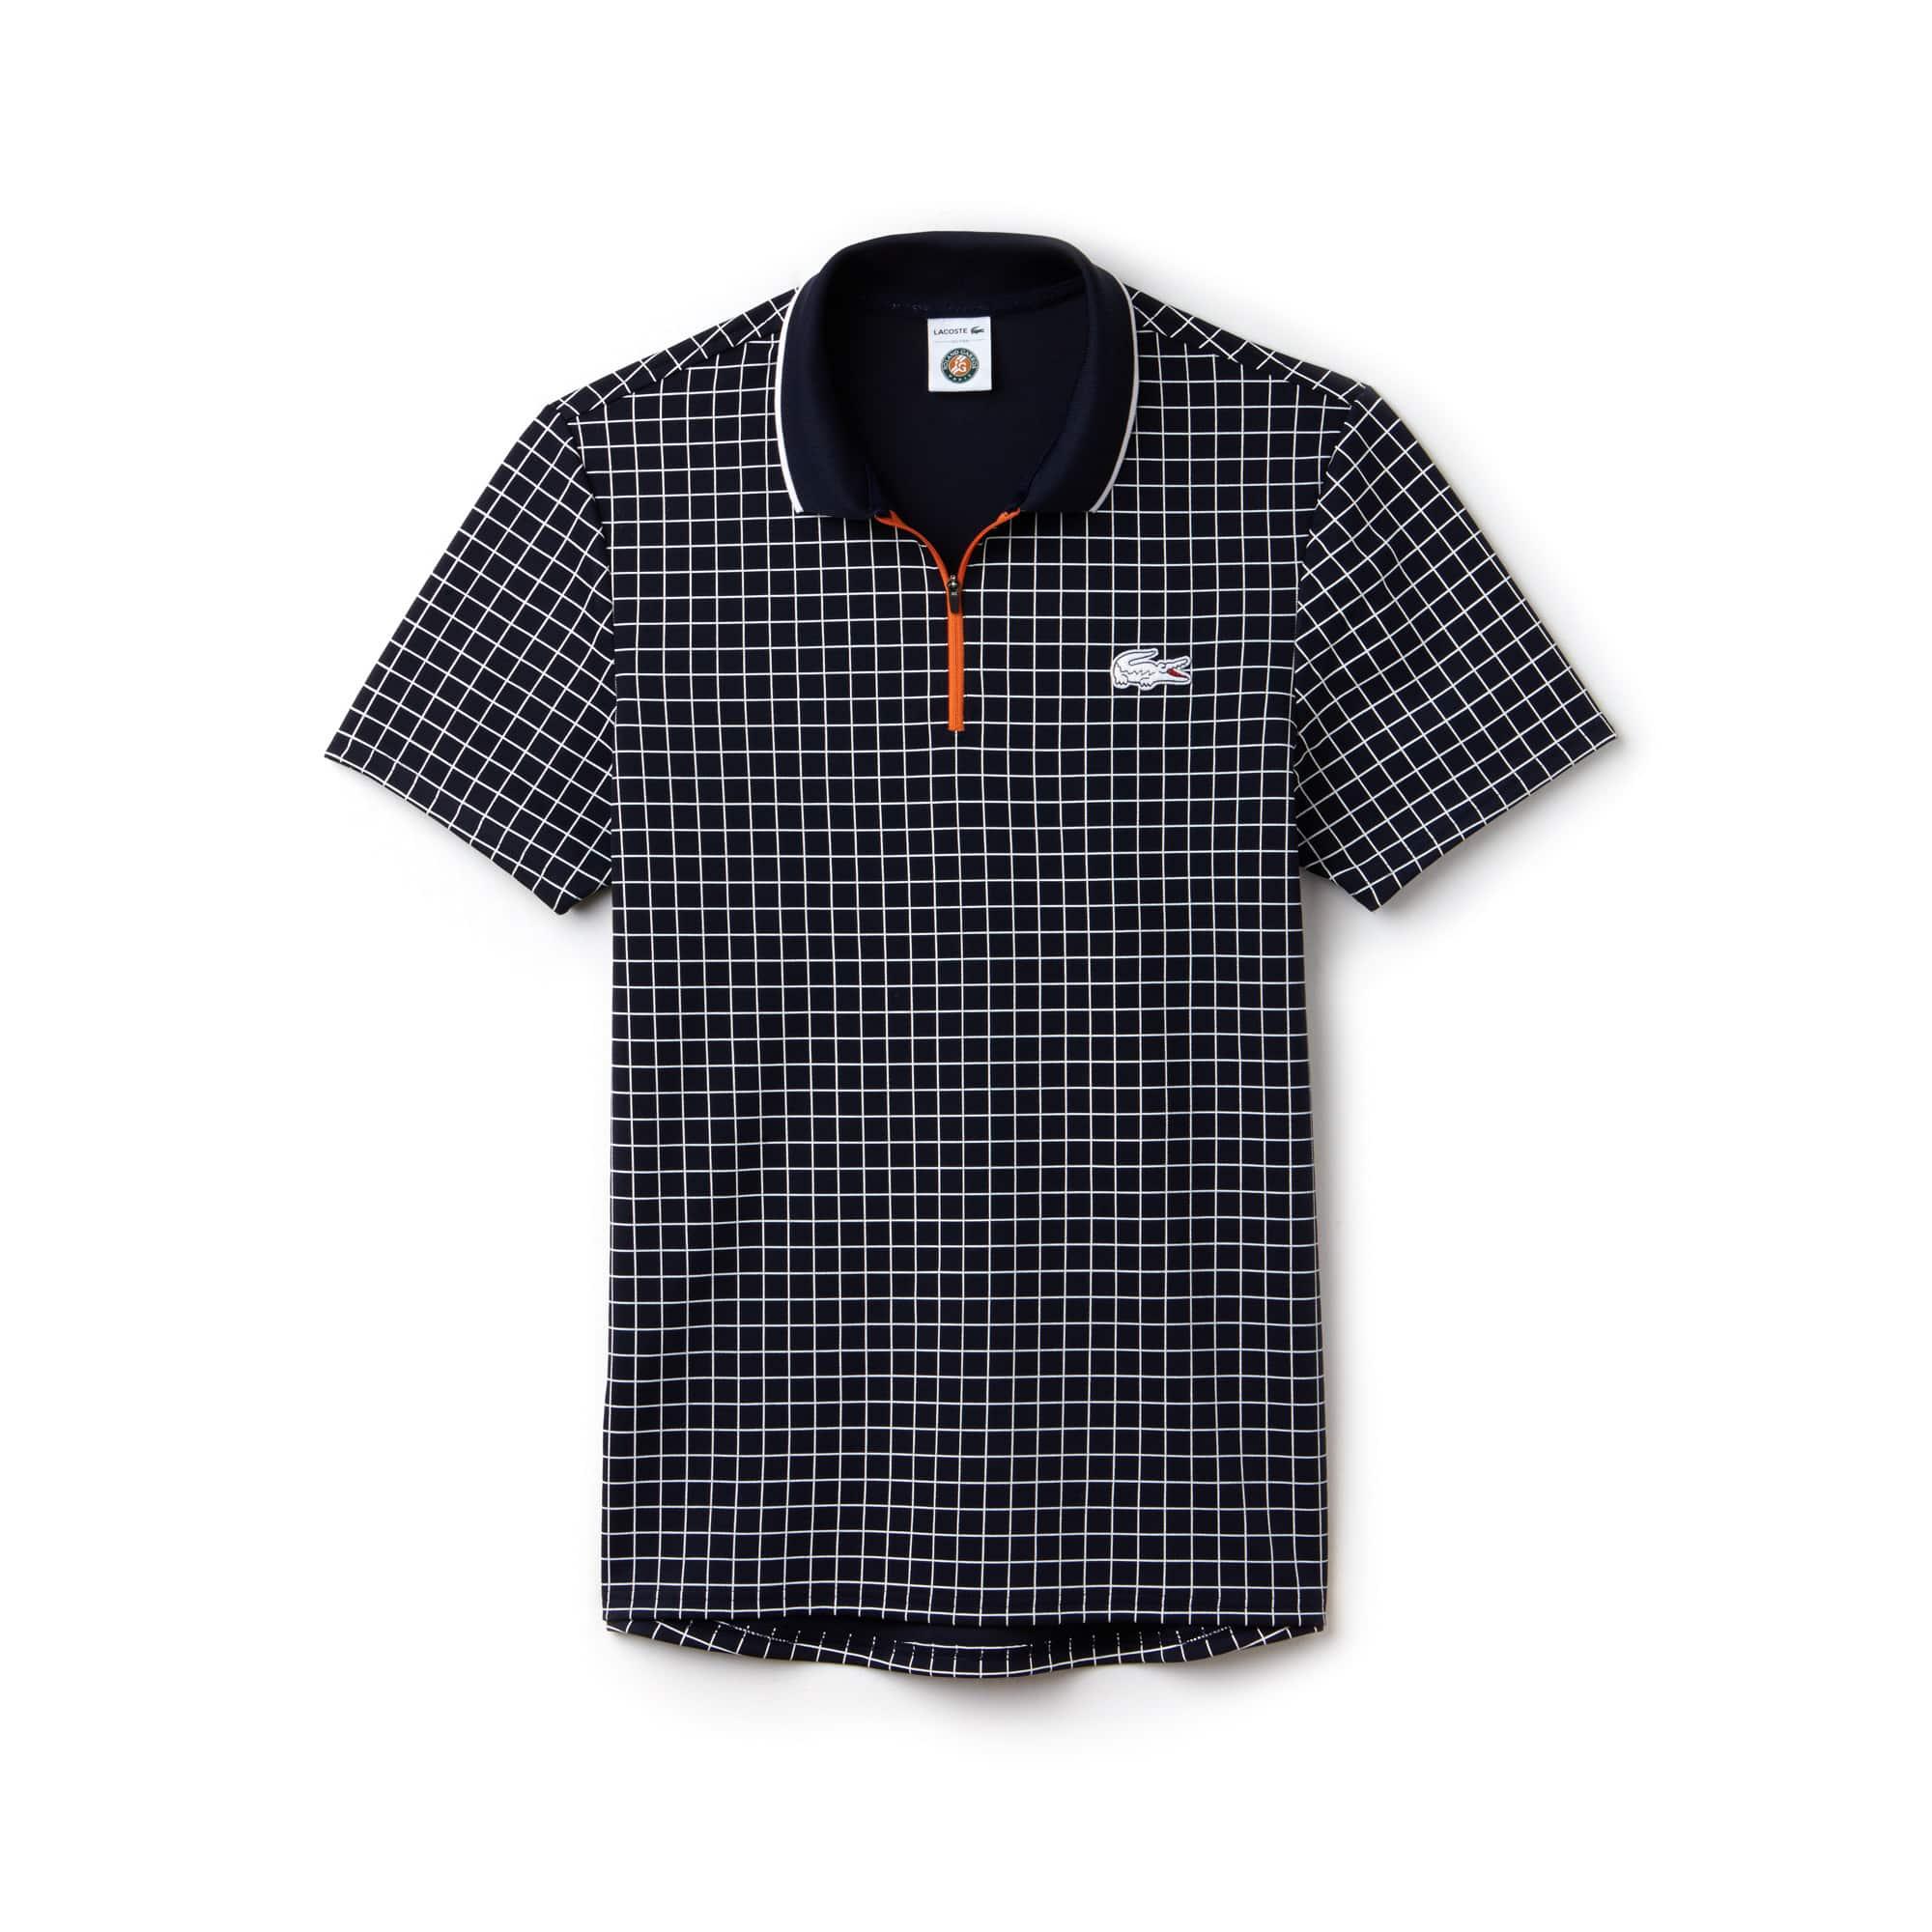 Men's Lacoste SPORT Roland Garros Edition Print Technical Piqué Polo Shirt